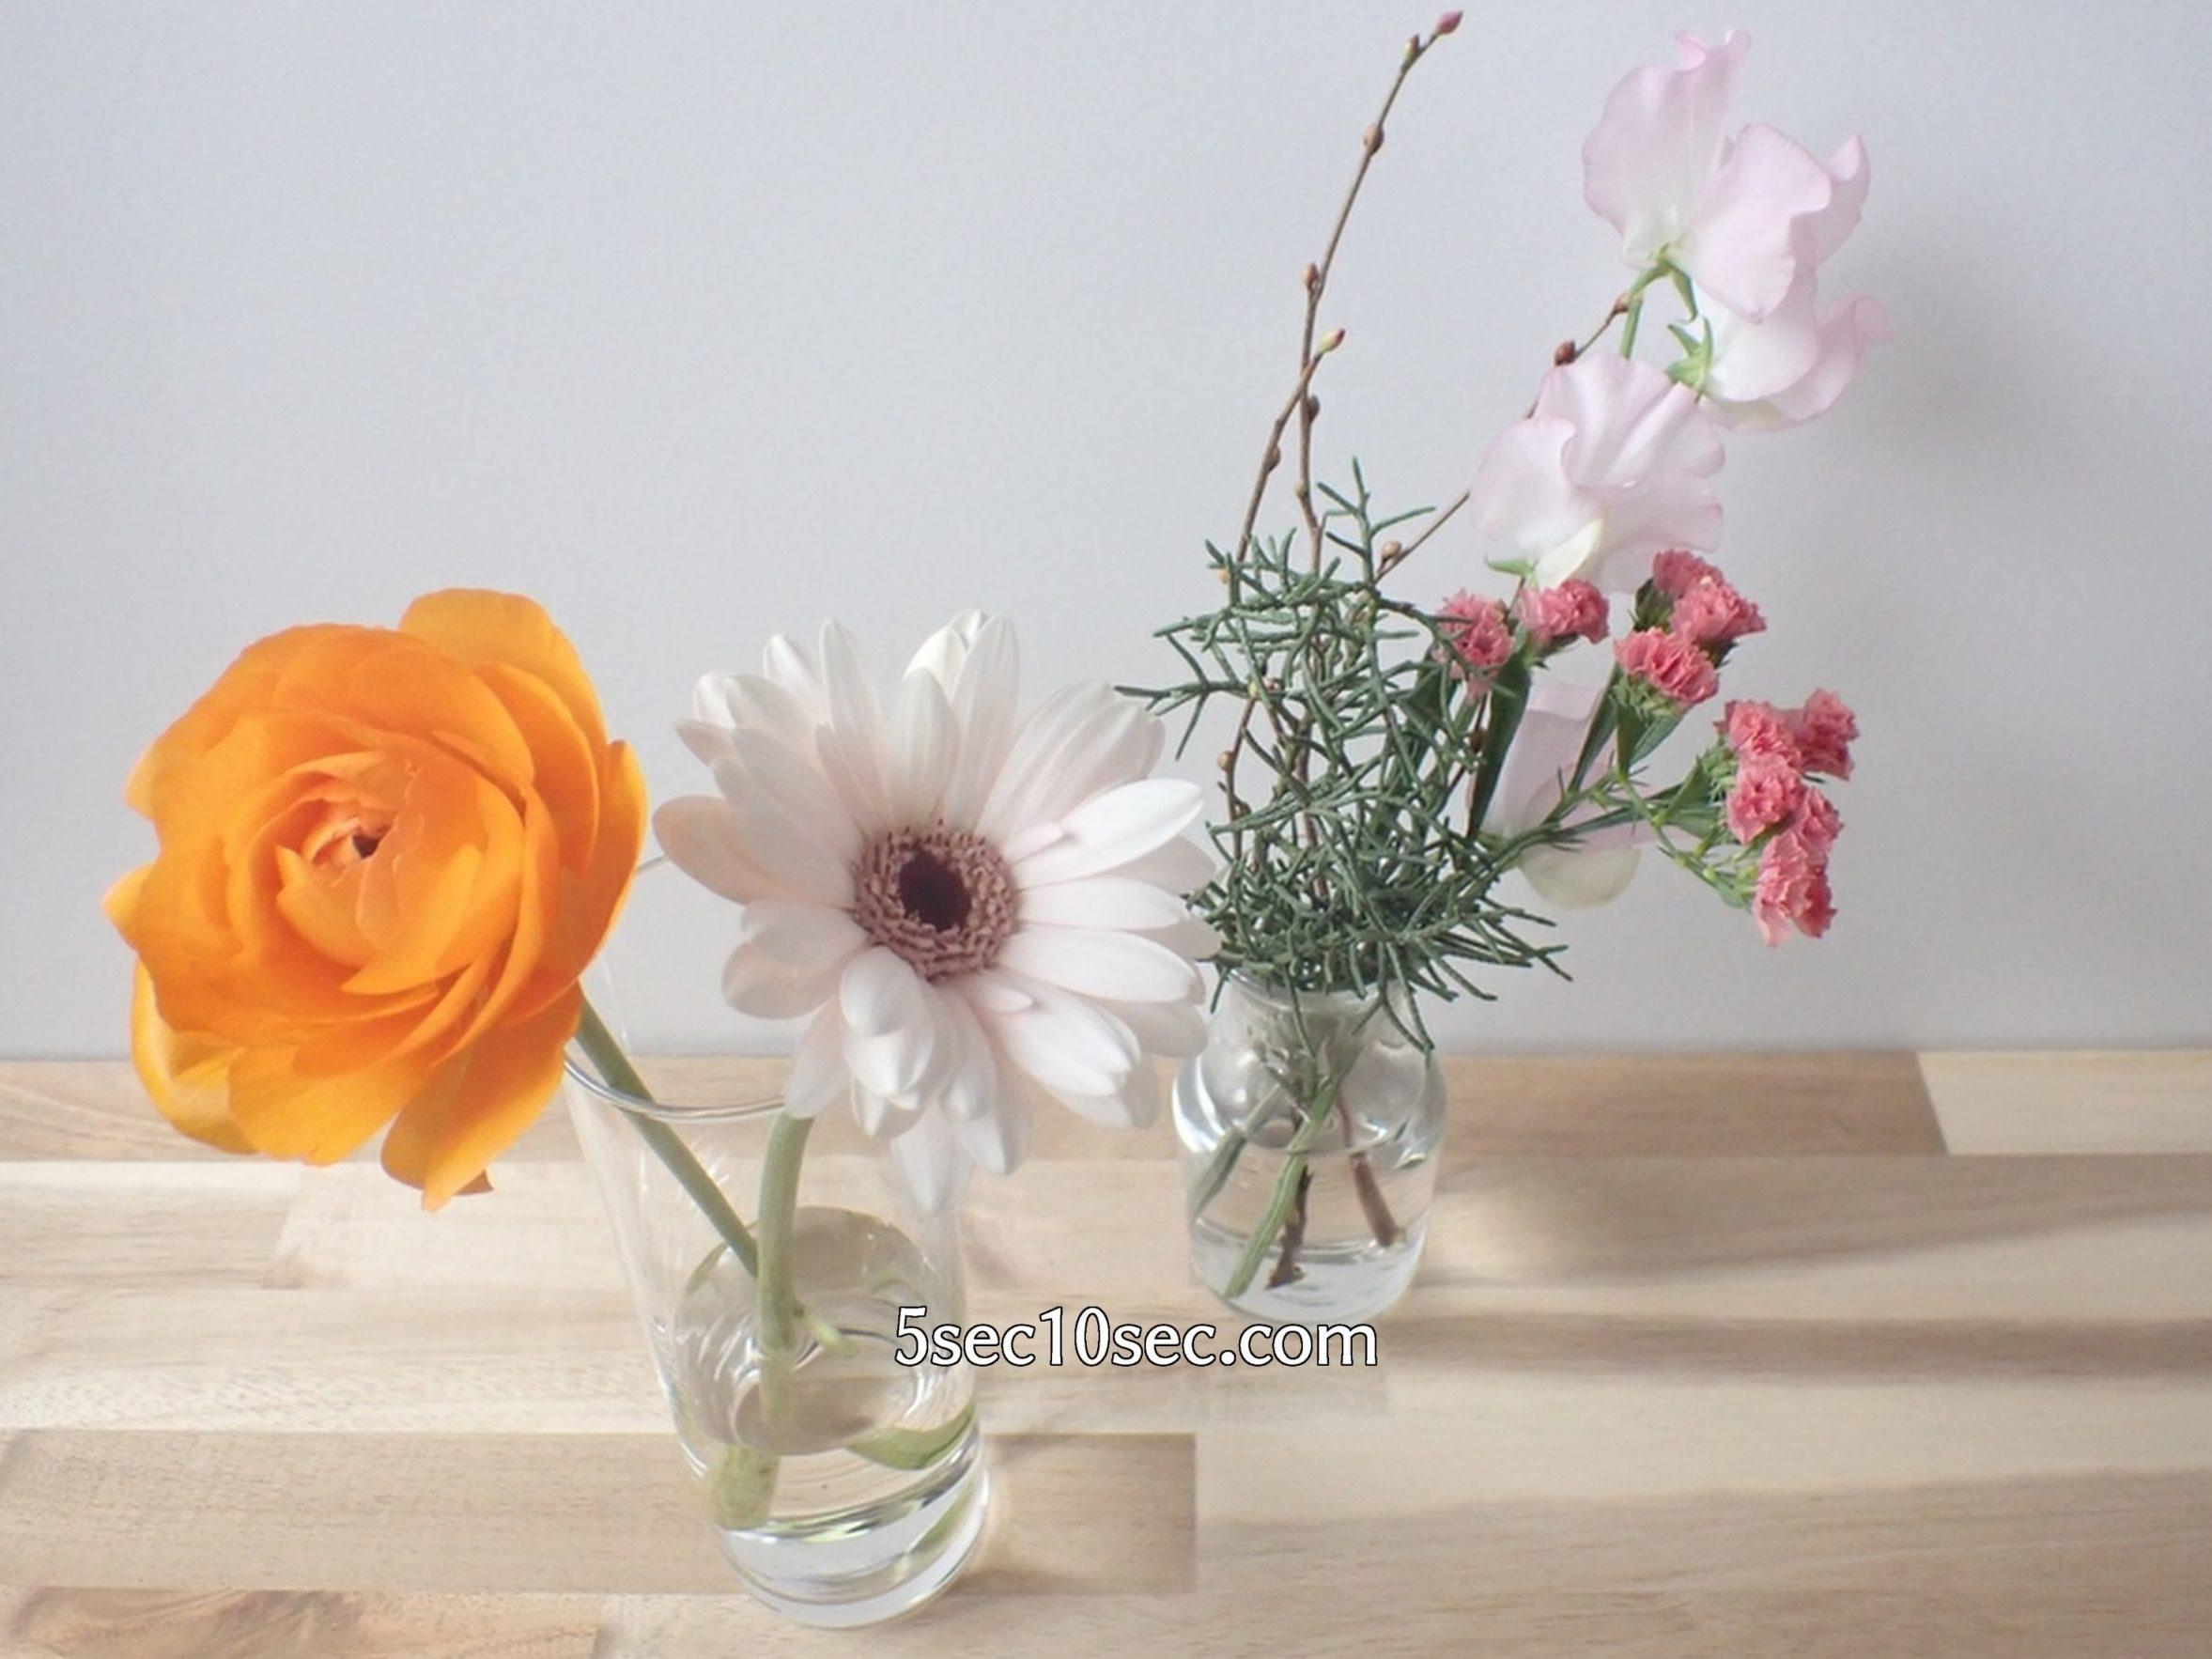 株式会社Crunch Style お花の定期便 Bloomee LIFE ブルーミーライフ レギュラープラン 瓶をわけて生けるほうが簡単に飾れる